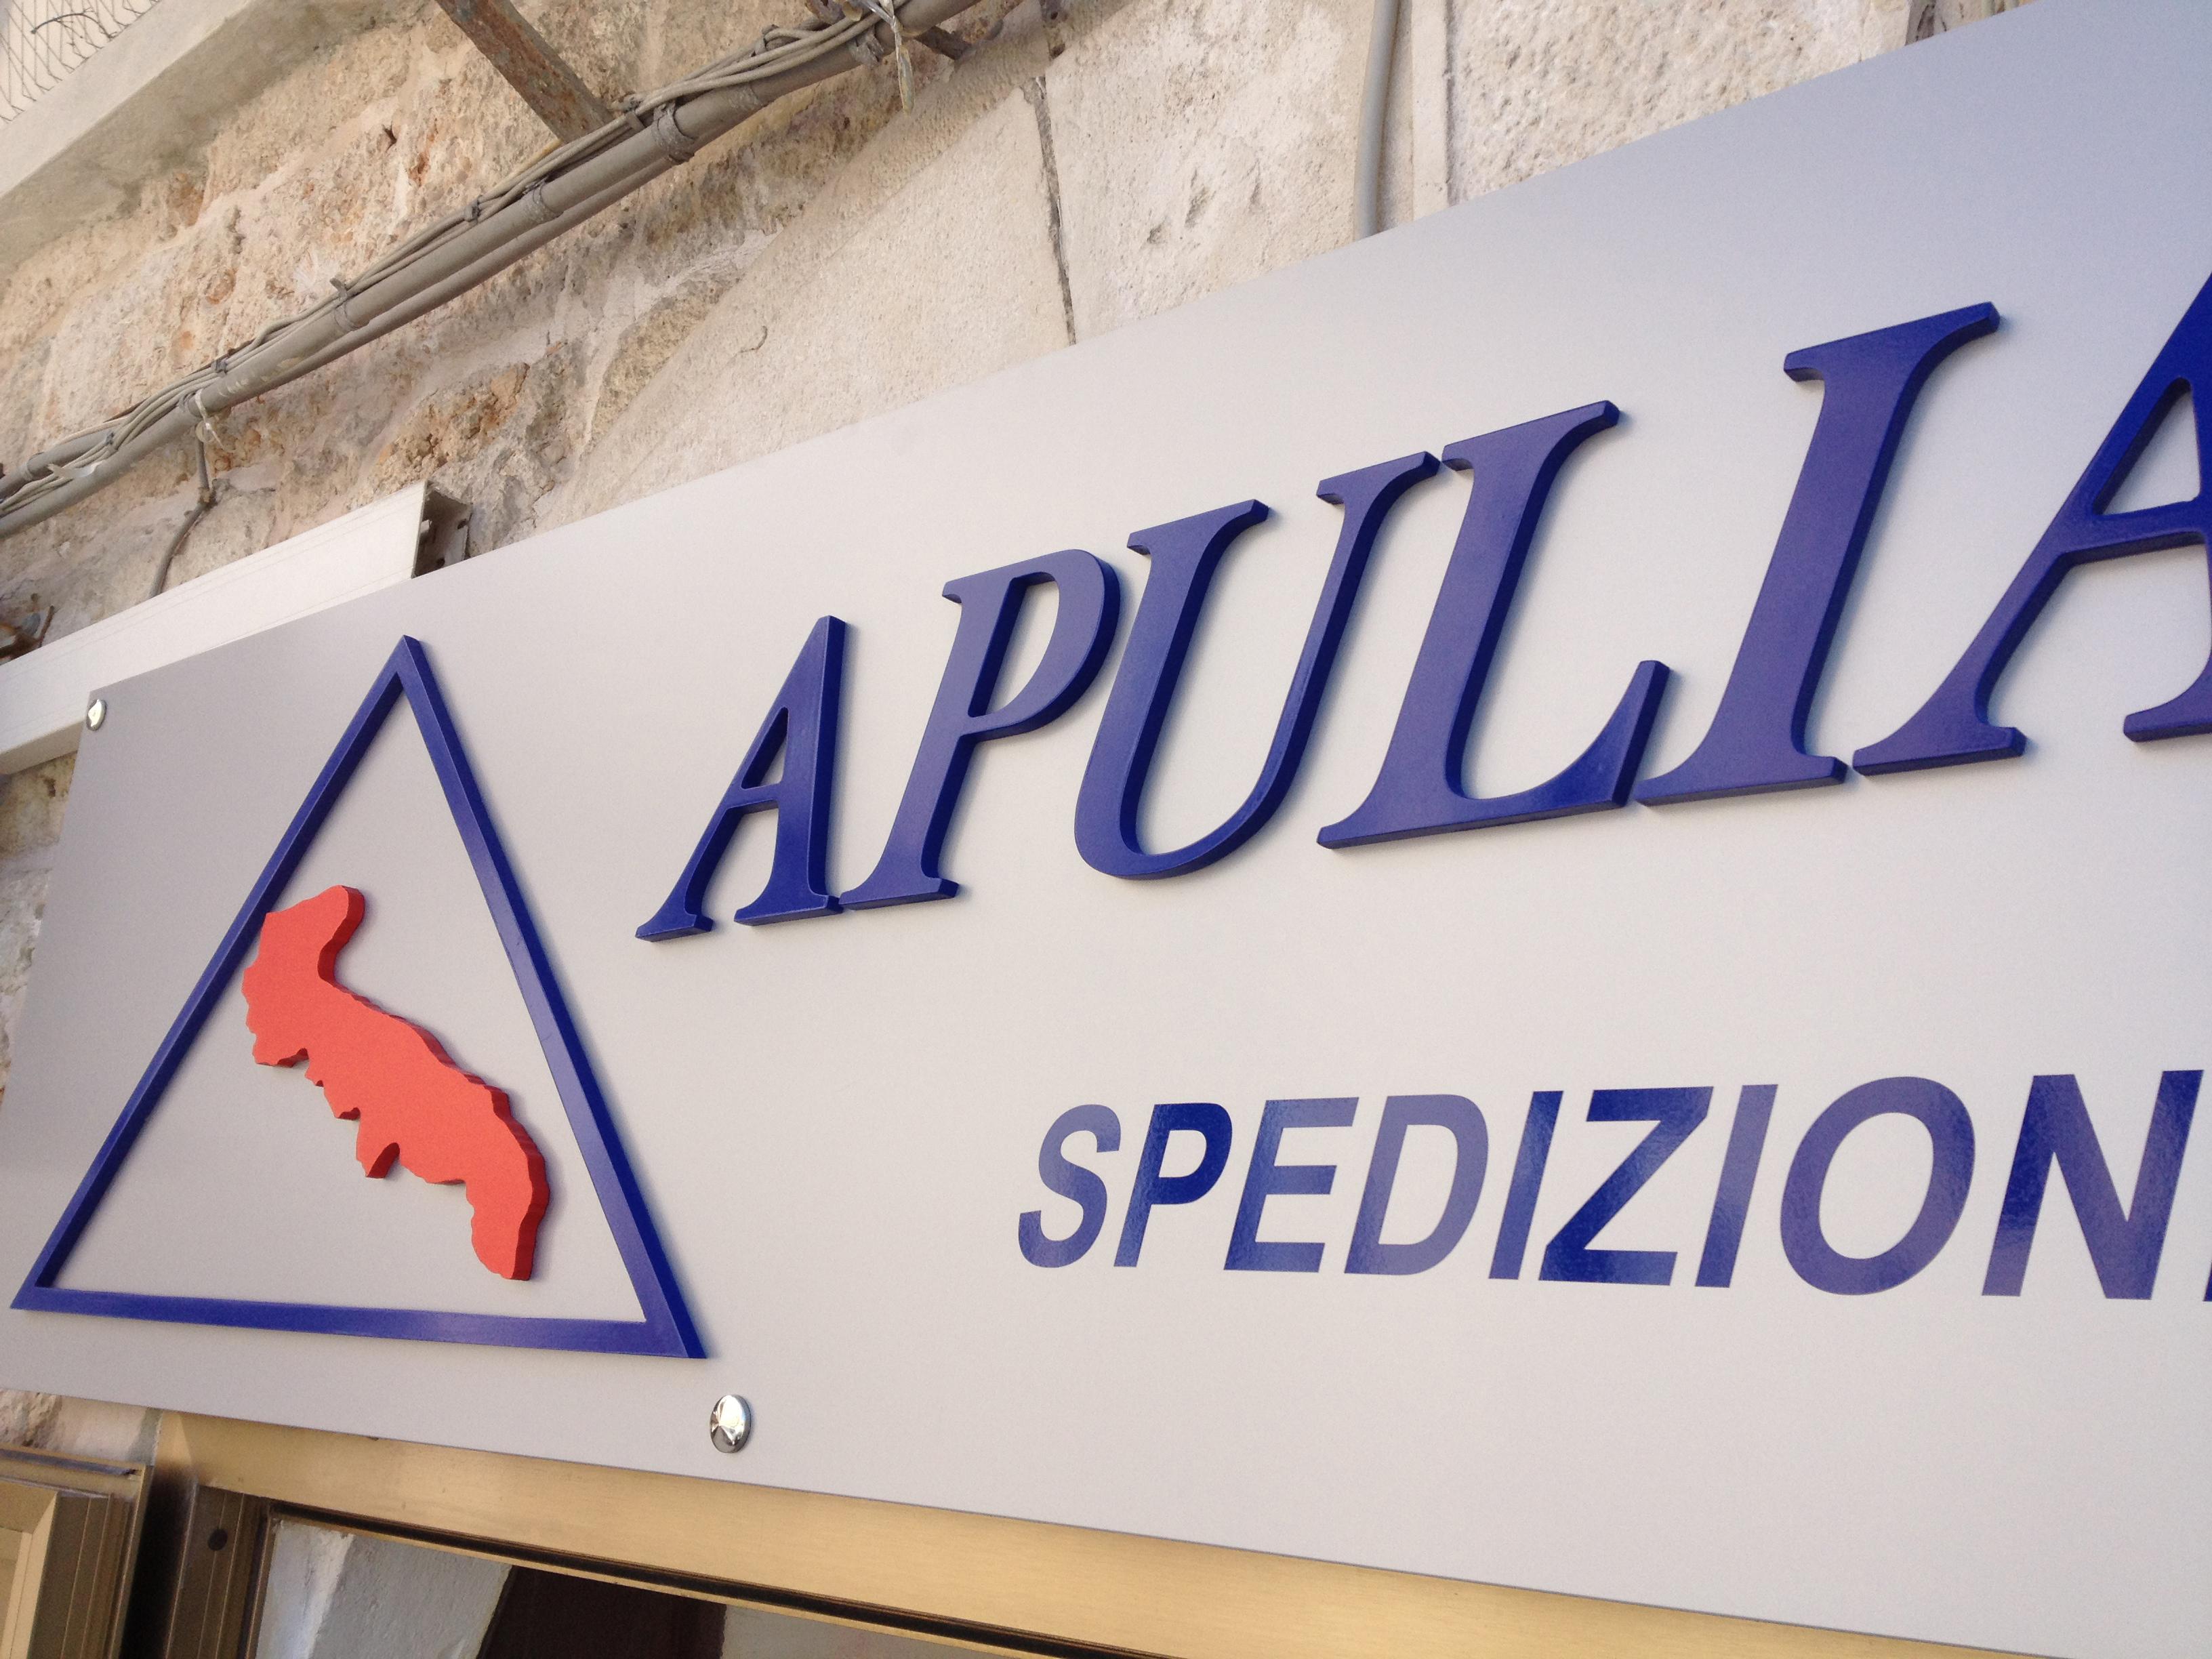 Apulia Sped